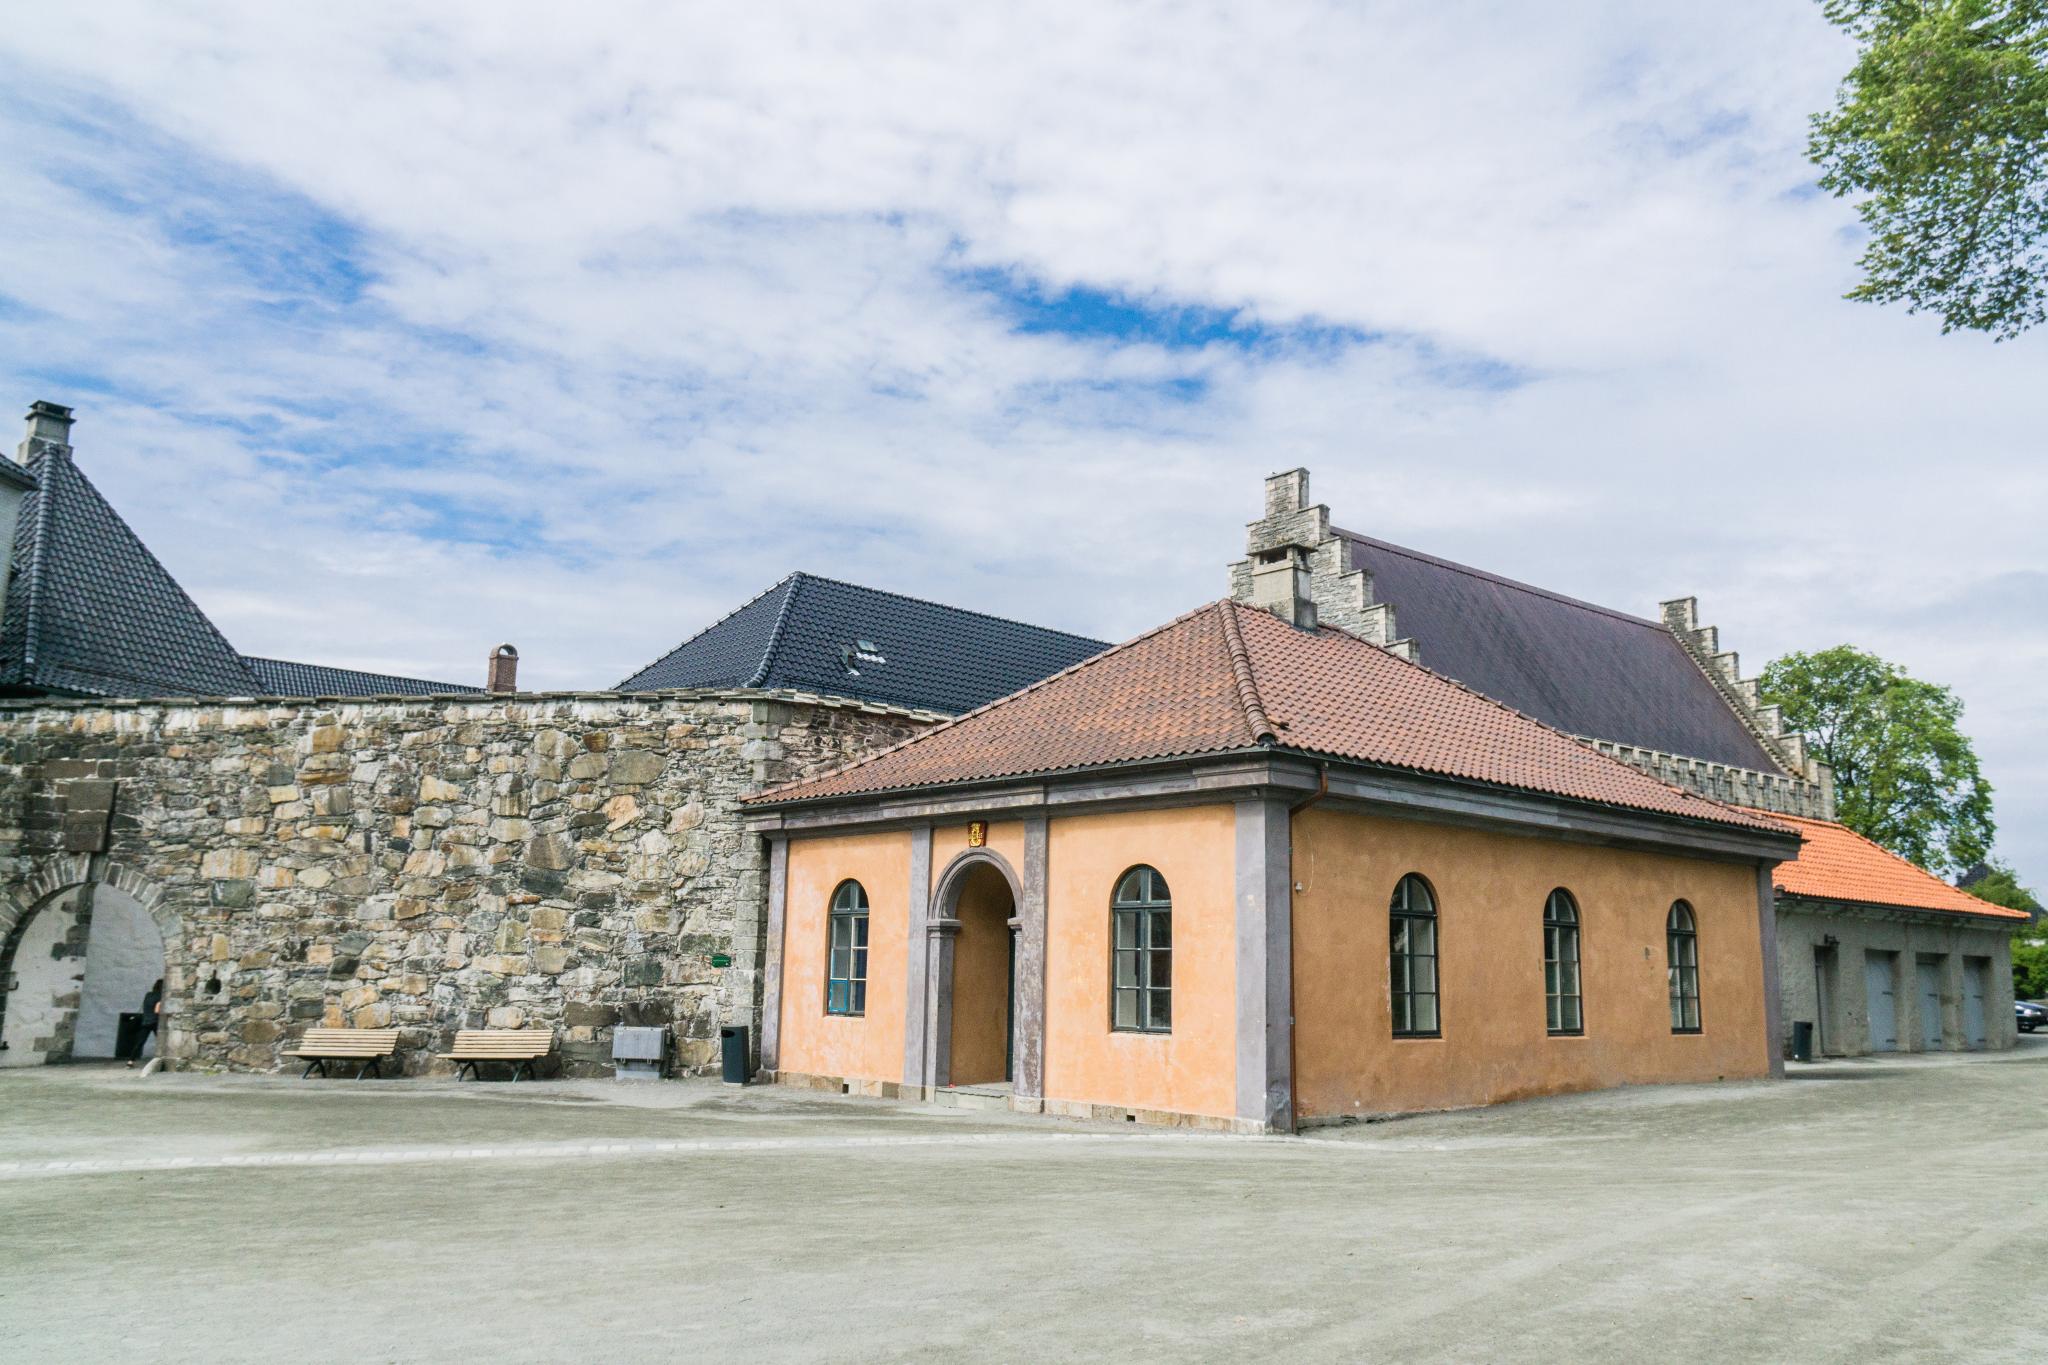 【卑爾根】漫遊卑爾根:卑爾根要塞、哈孔城堡與聖瑪利亞堂 1